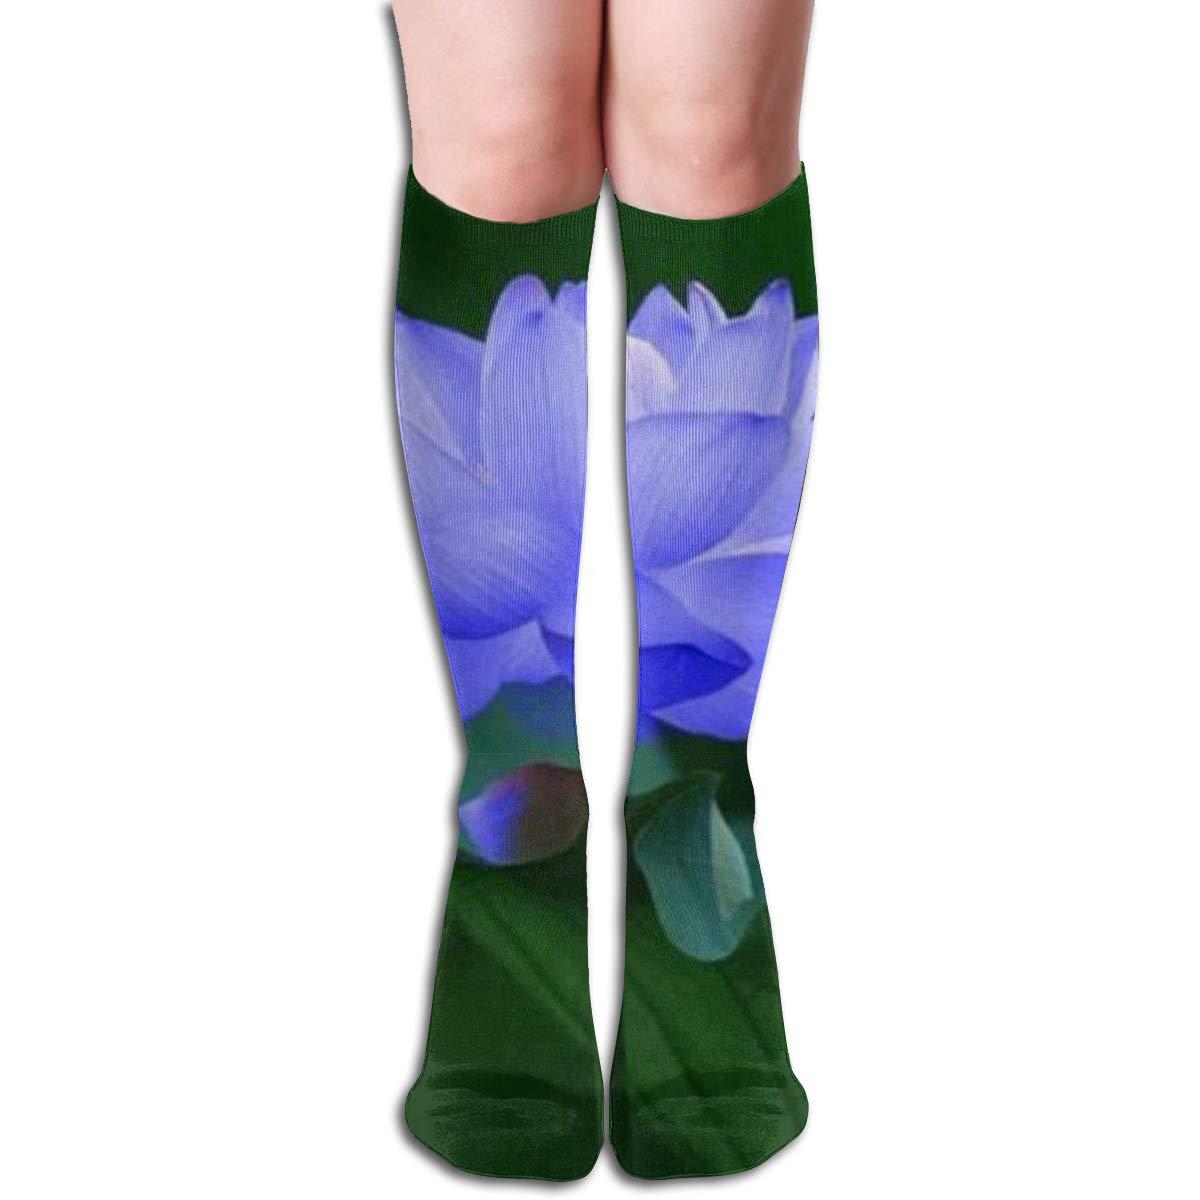 Girls Socks Mid-Calf Pop Girl Art Winter Hot For Holiday